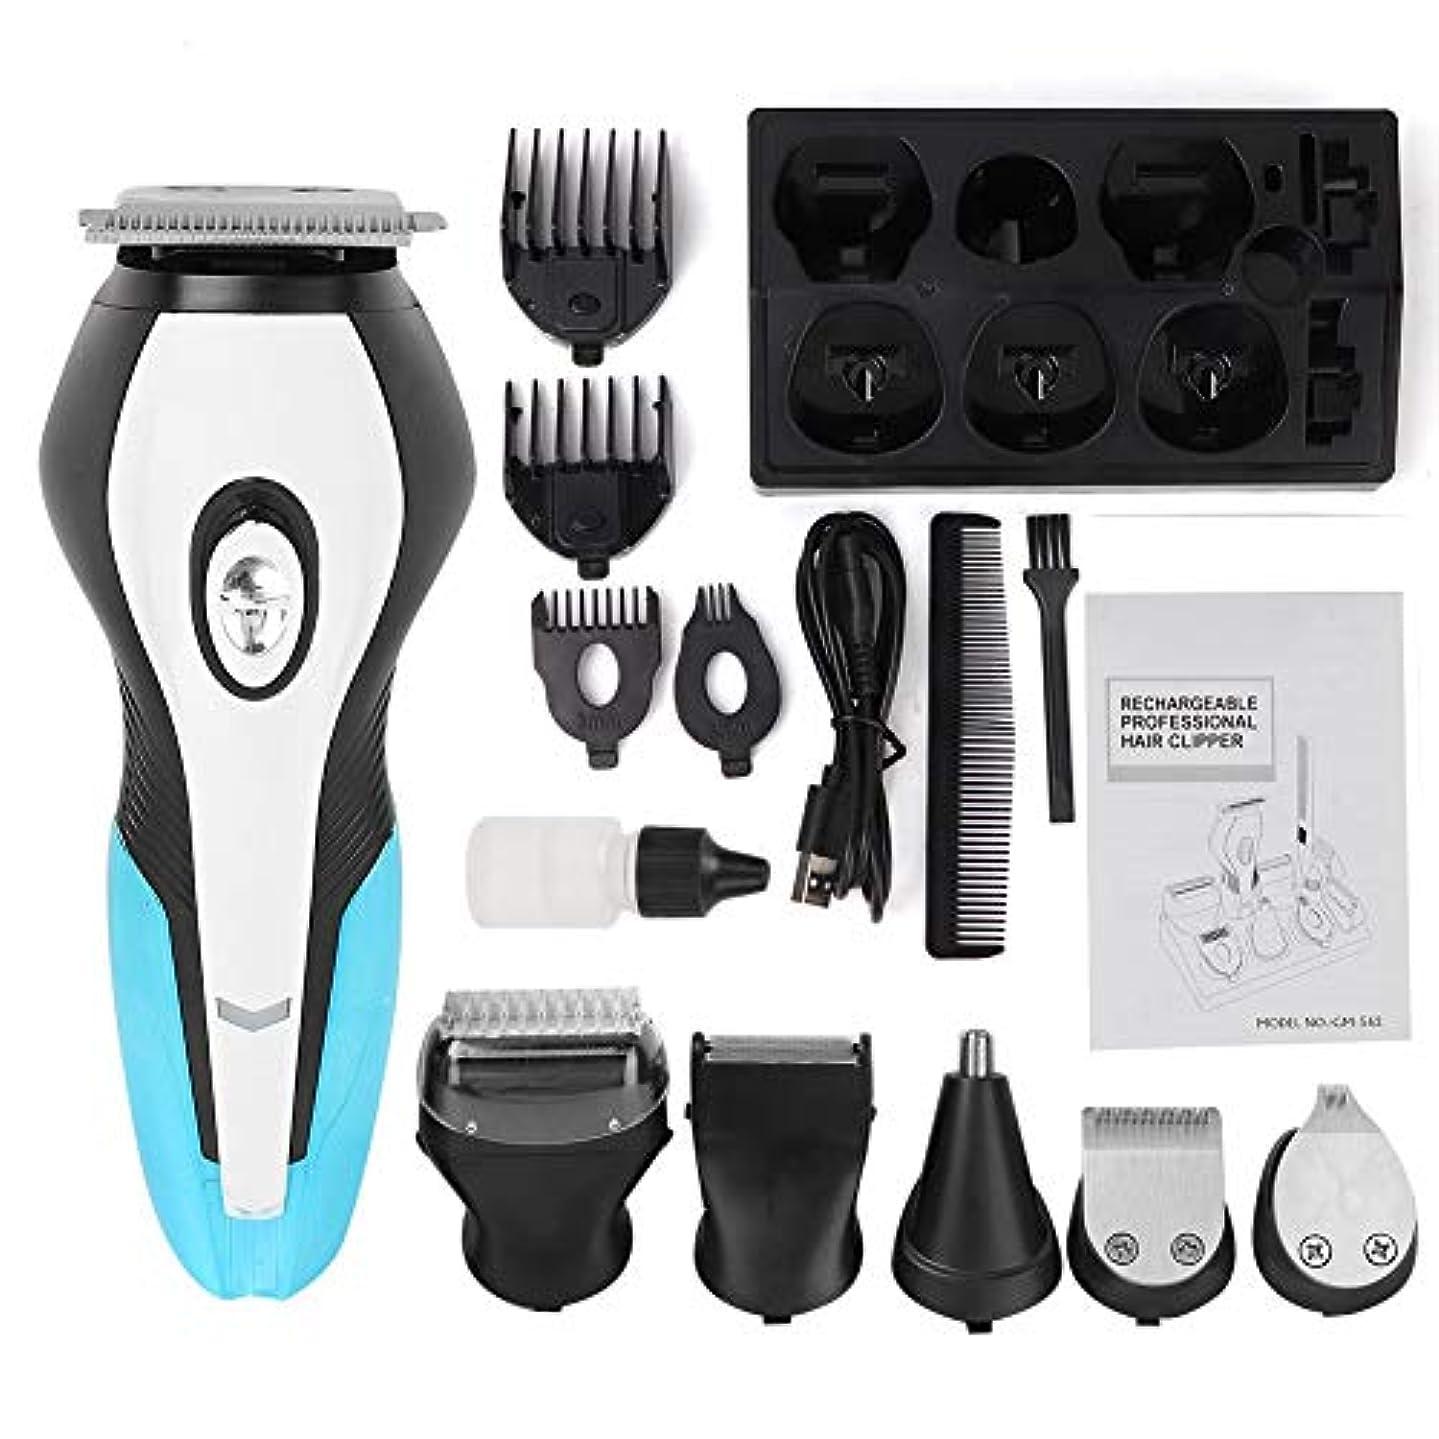 エンジニア評価バーマド電気かみそり、多機能ひげトリマー、ヘアスタイリング鼻毛除去機クリーニングツール